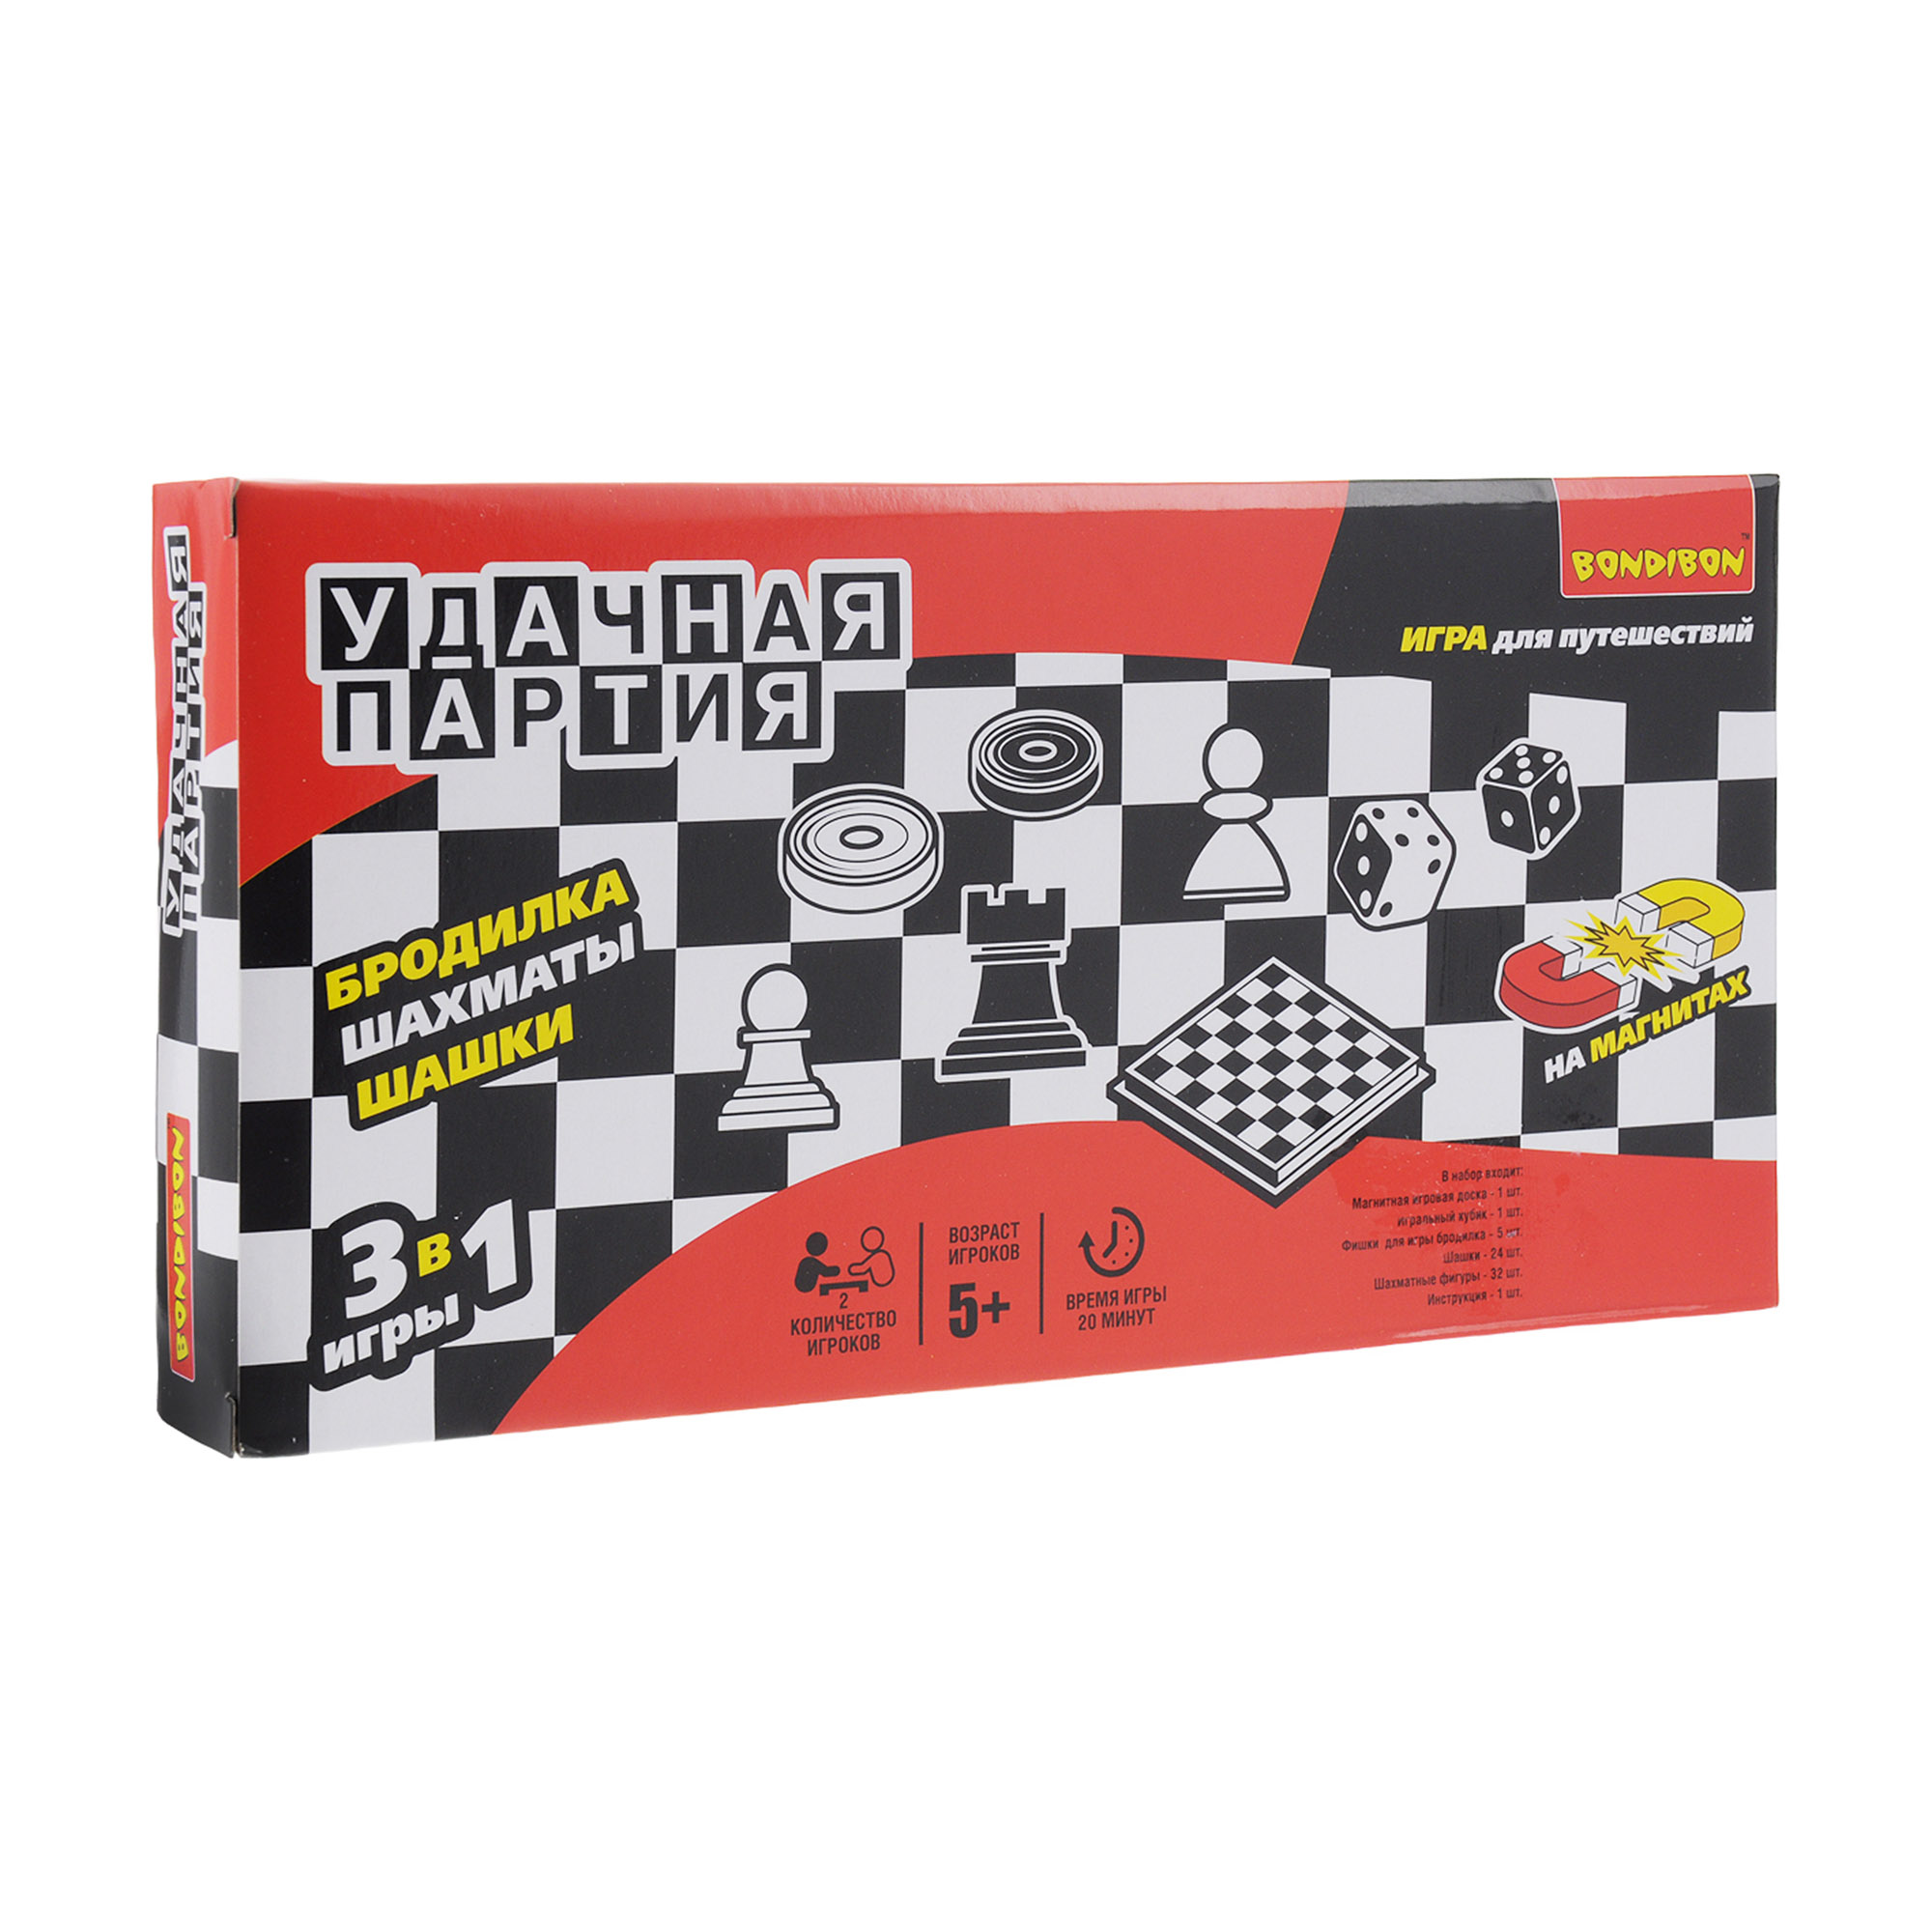 Настольная игра BONDIBON Удачная партия 3в1 шахматы, шашки, бродилки фото